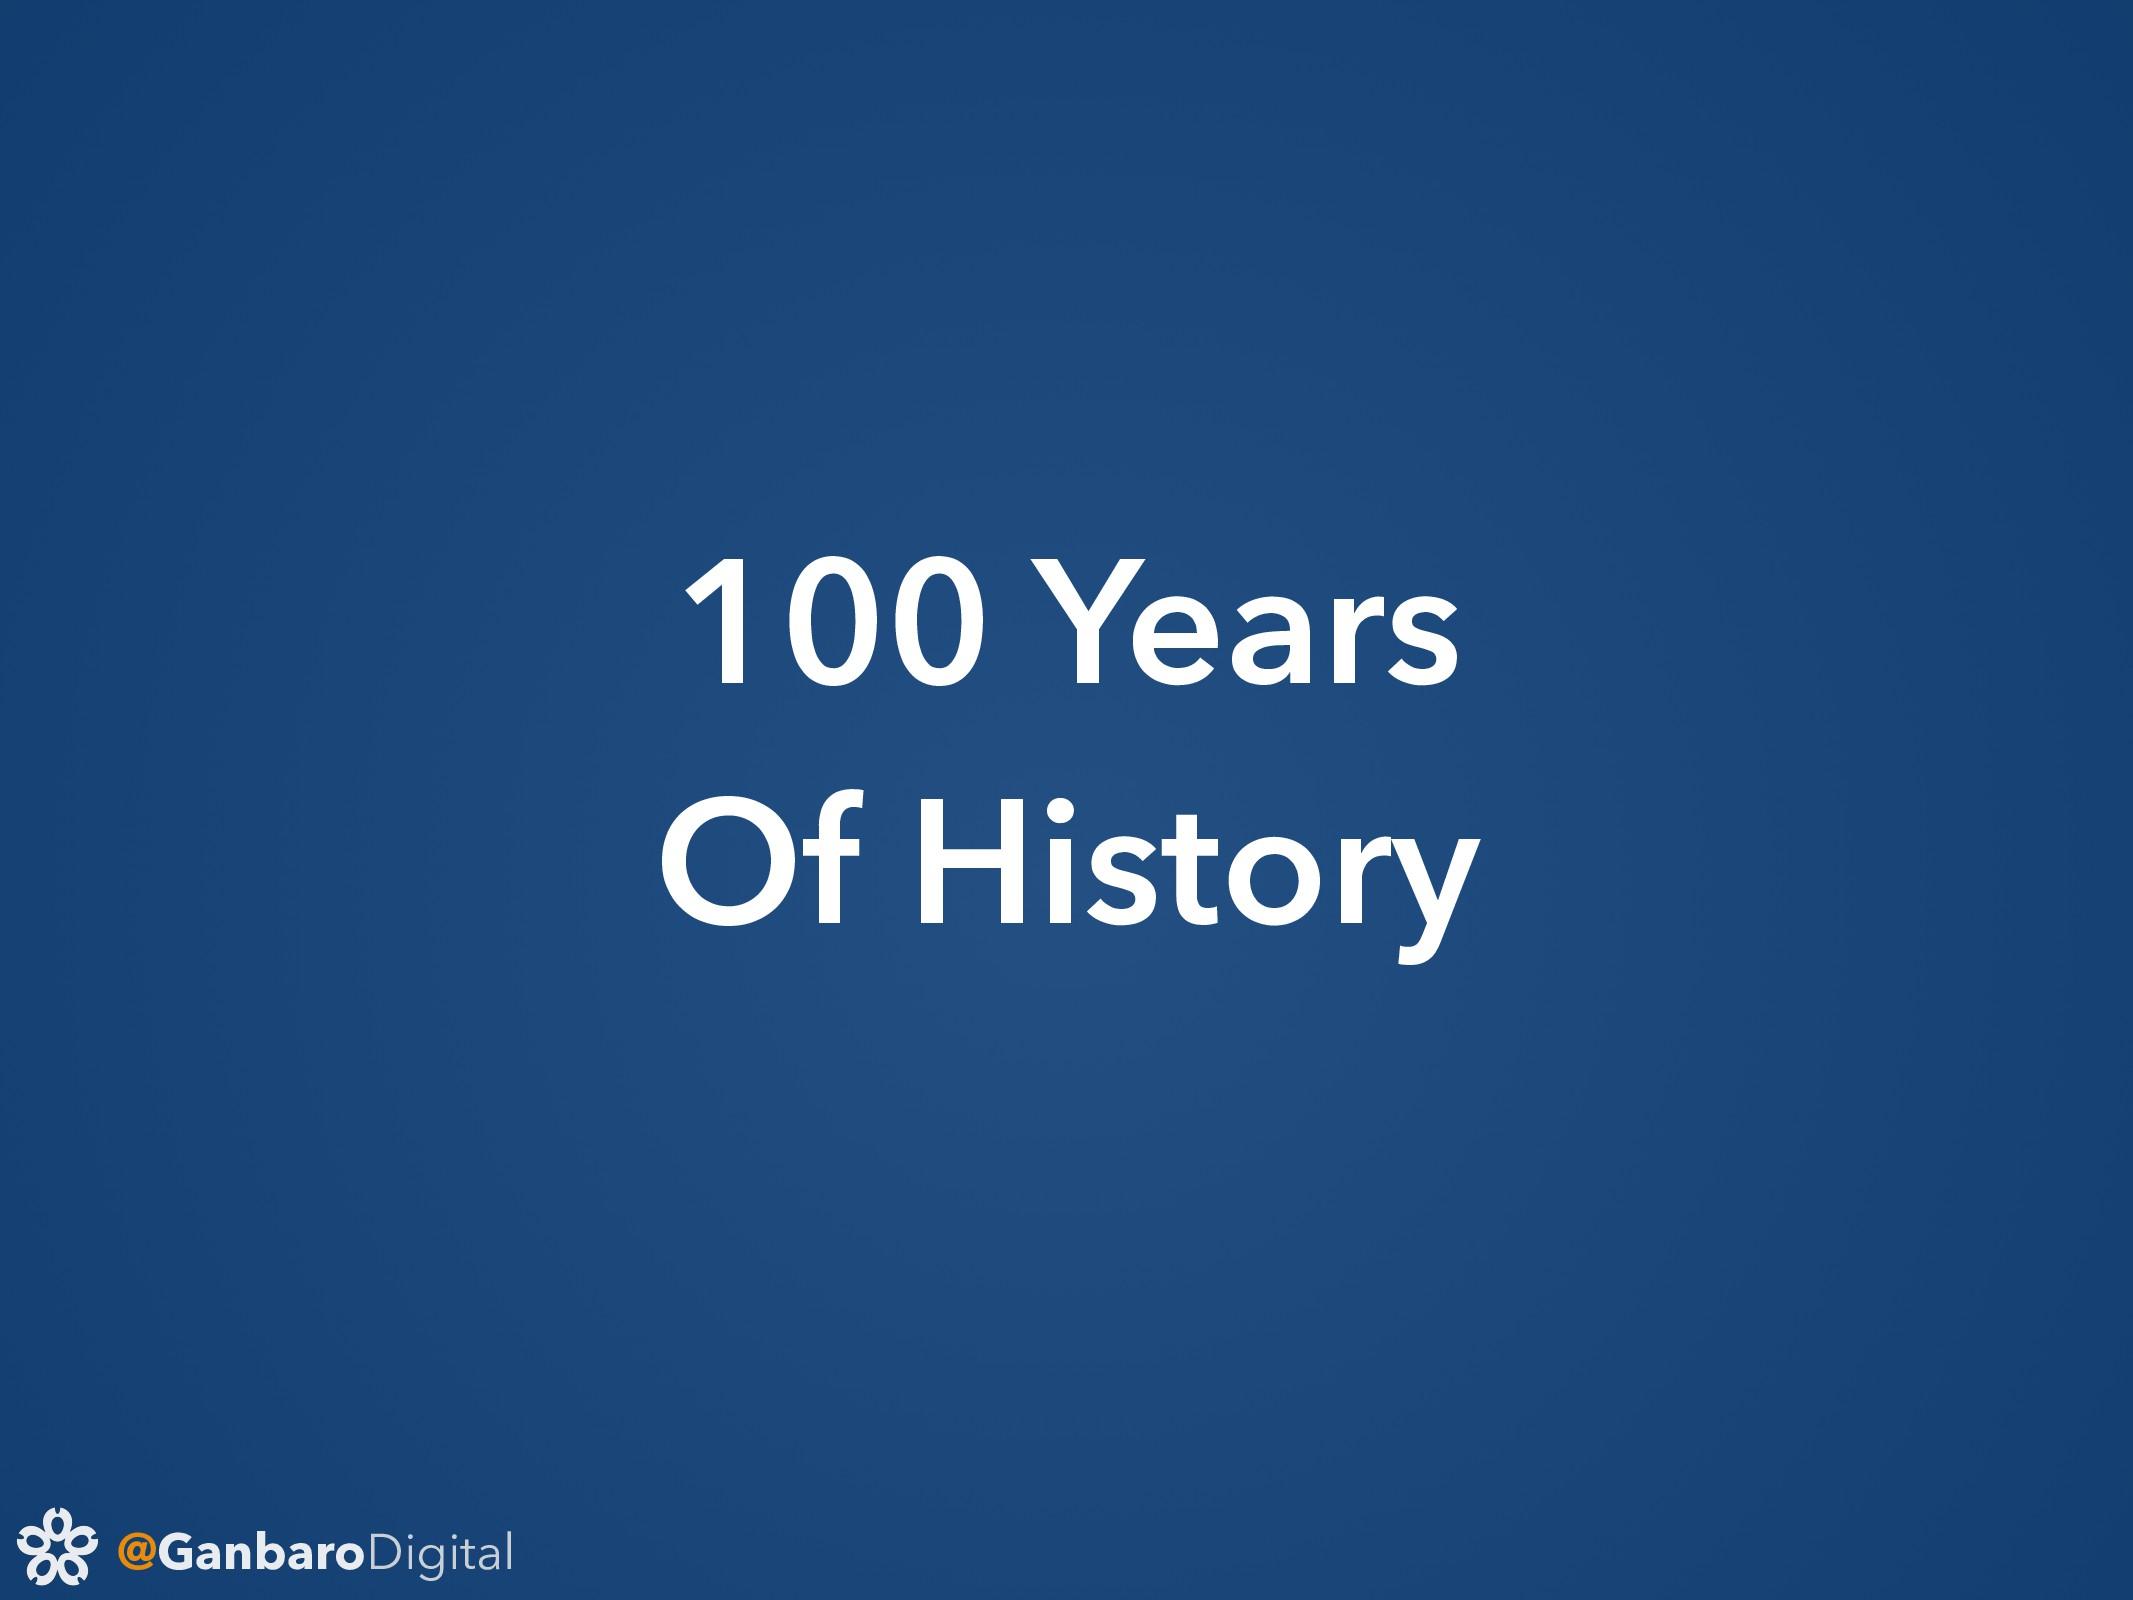 @GanbaroDigital 100 Years Of History